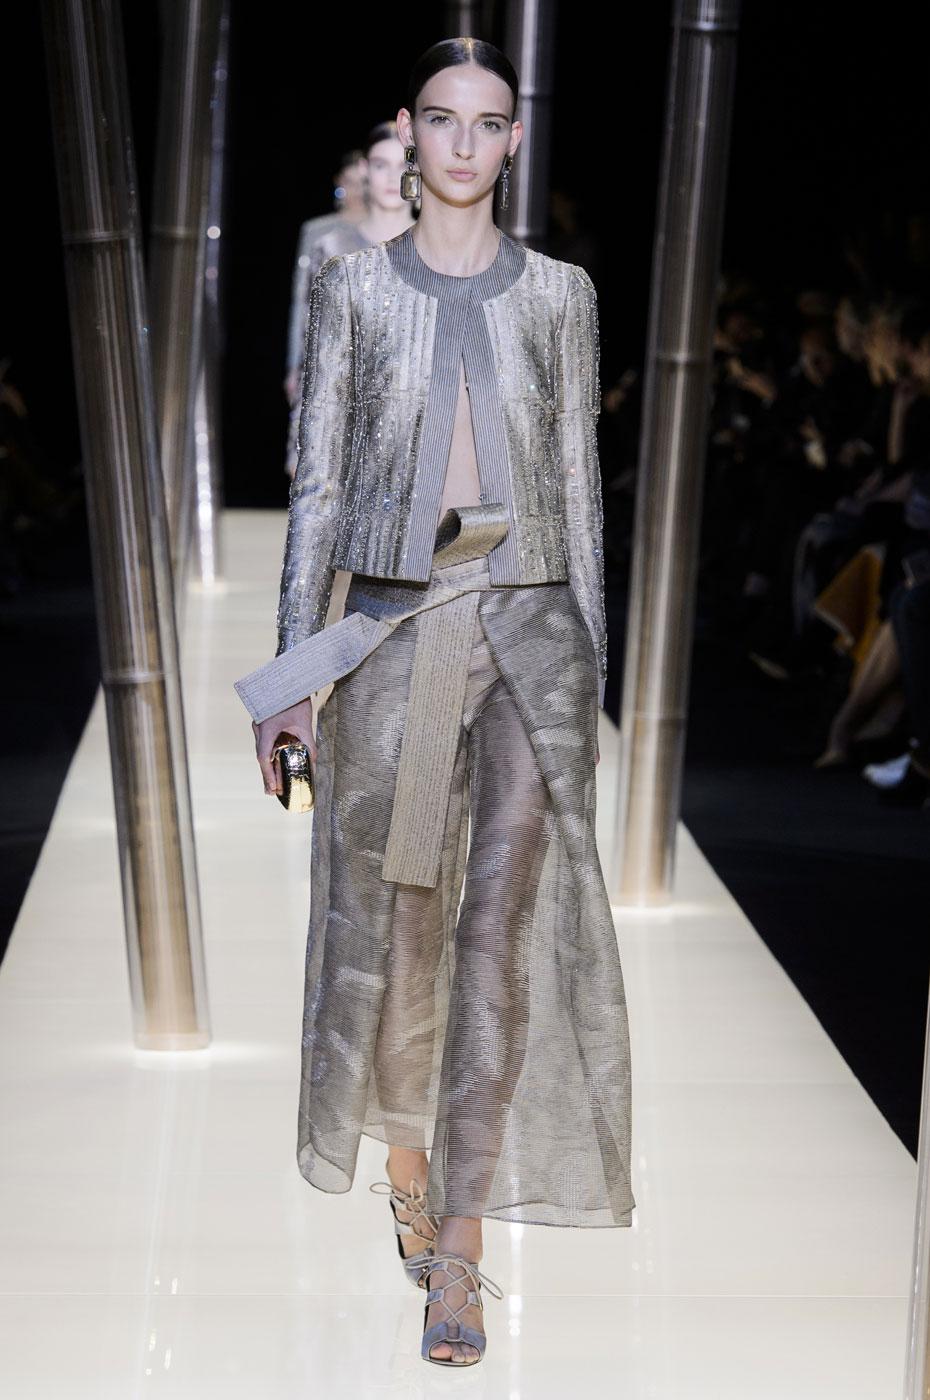 Giorgio-armani-Prive-fashion-runway-show-haute-couture-paris-spring-2015-the-impression-061